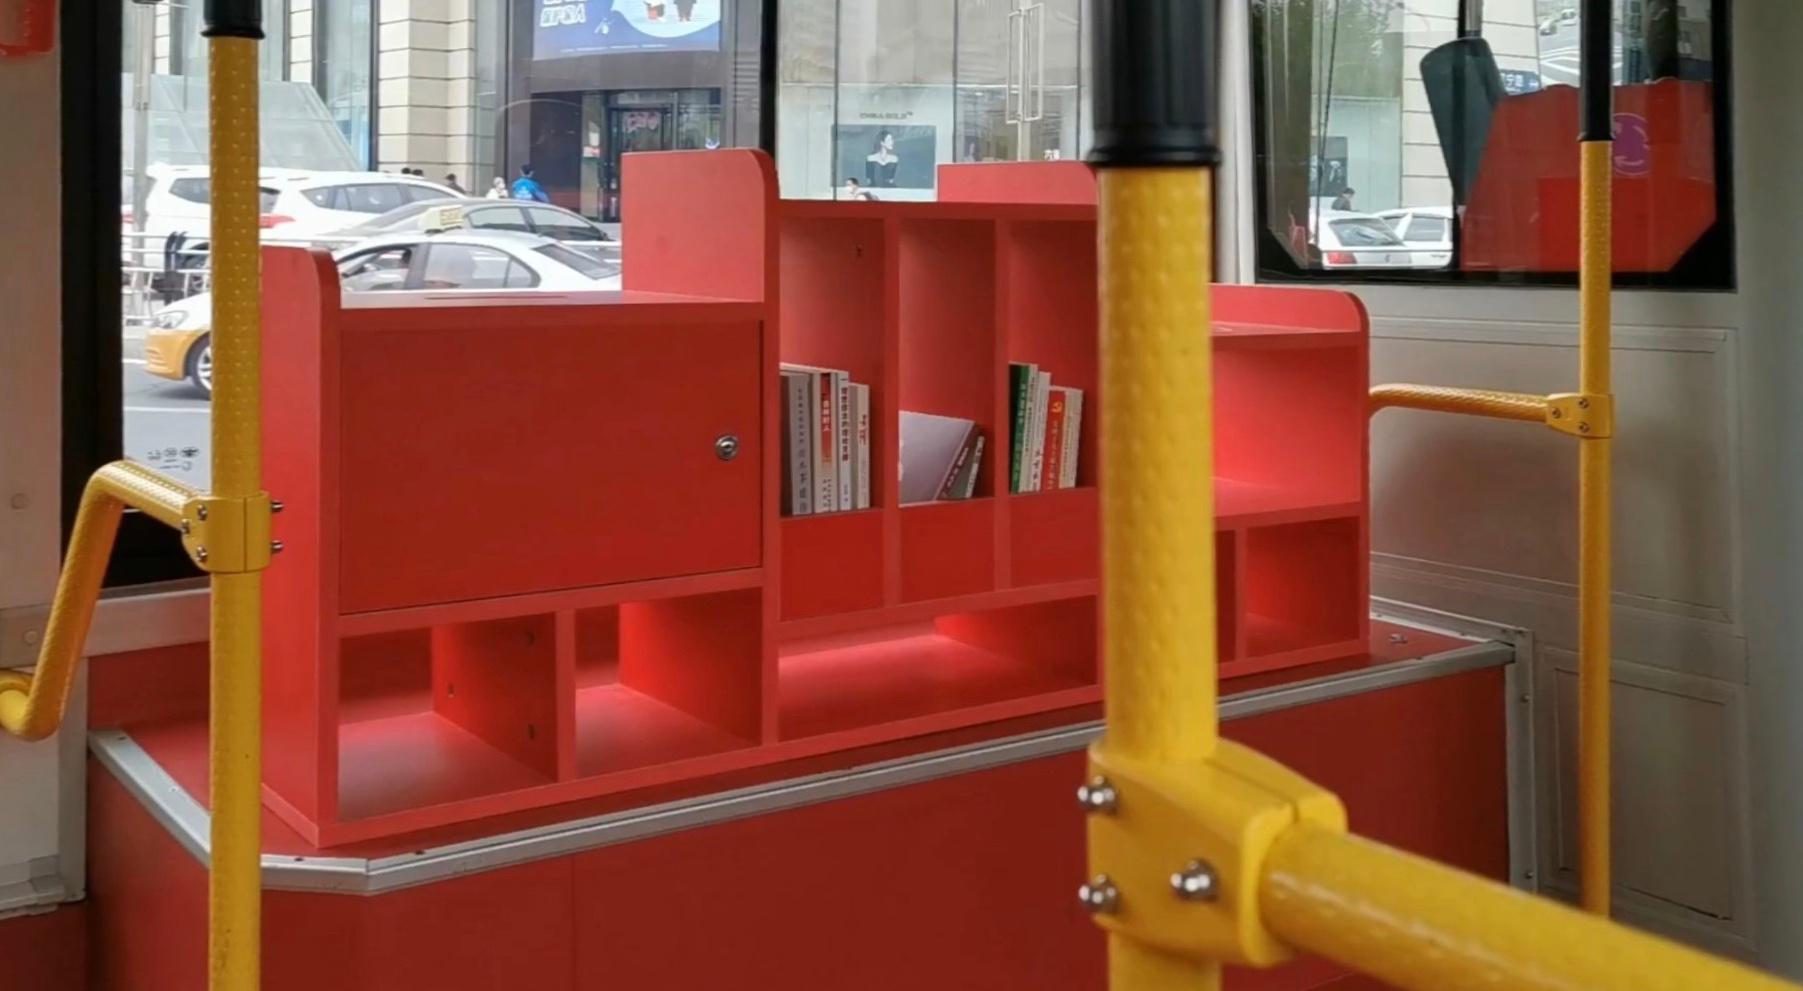 转自网友:长春362路公交车,在原有的三个座位上设置书架……